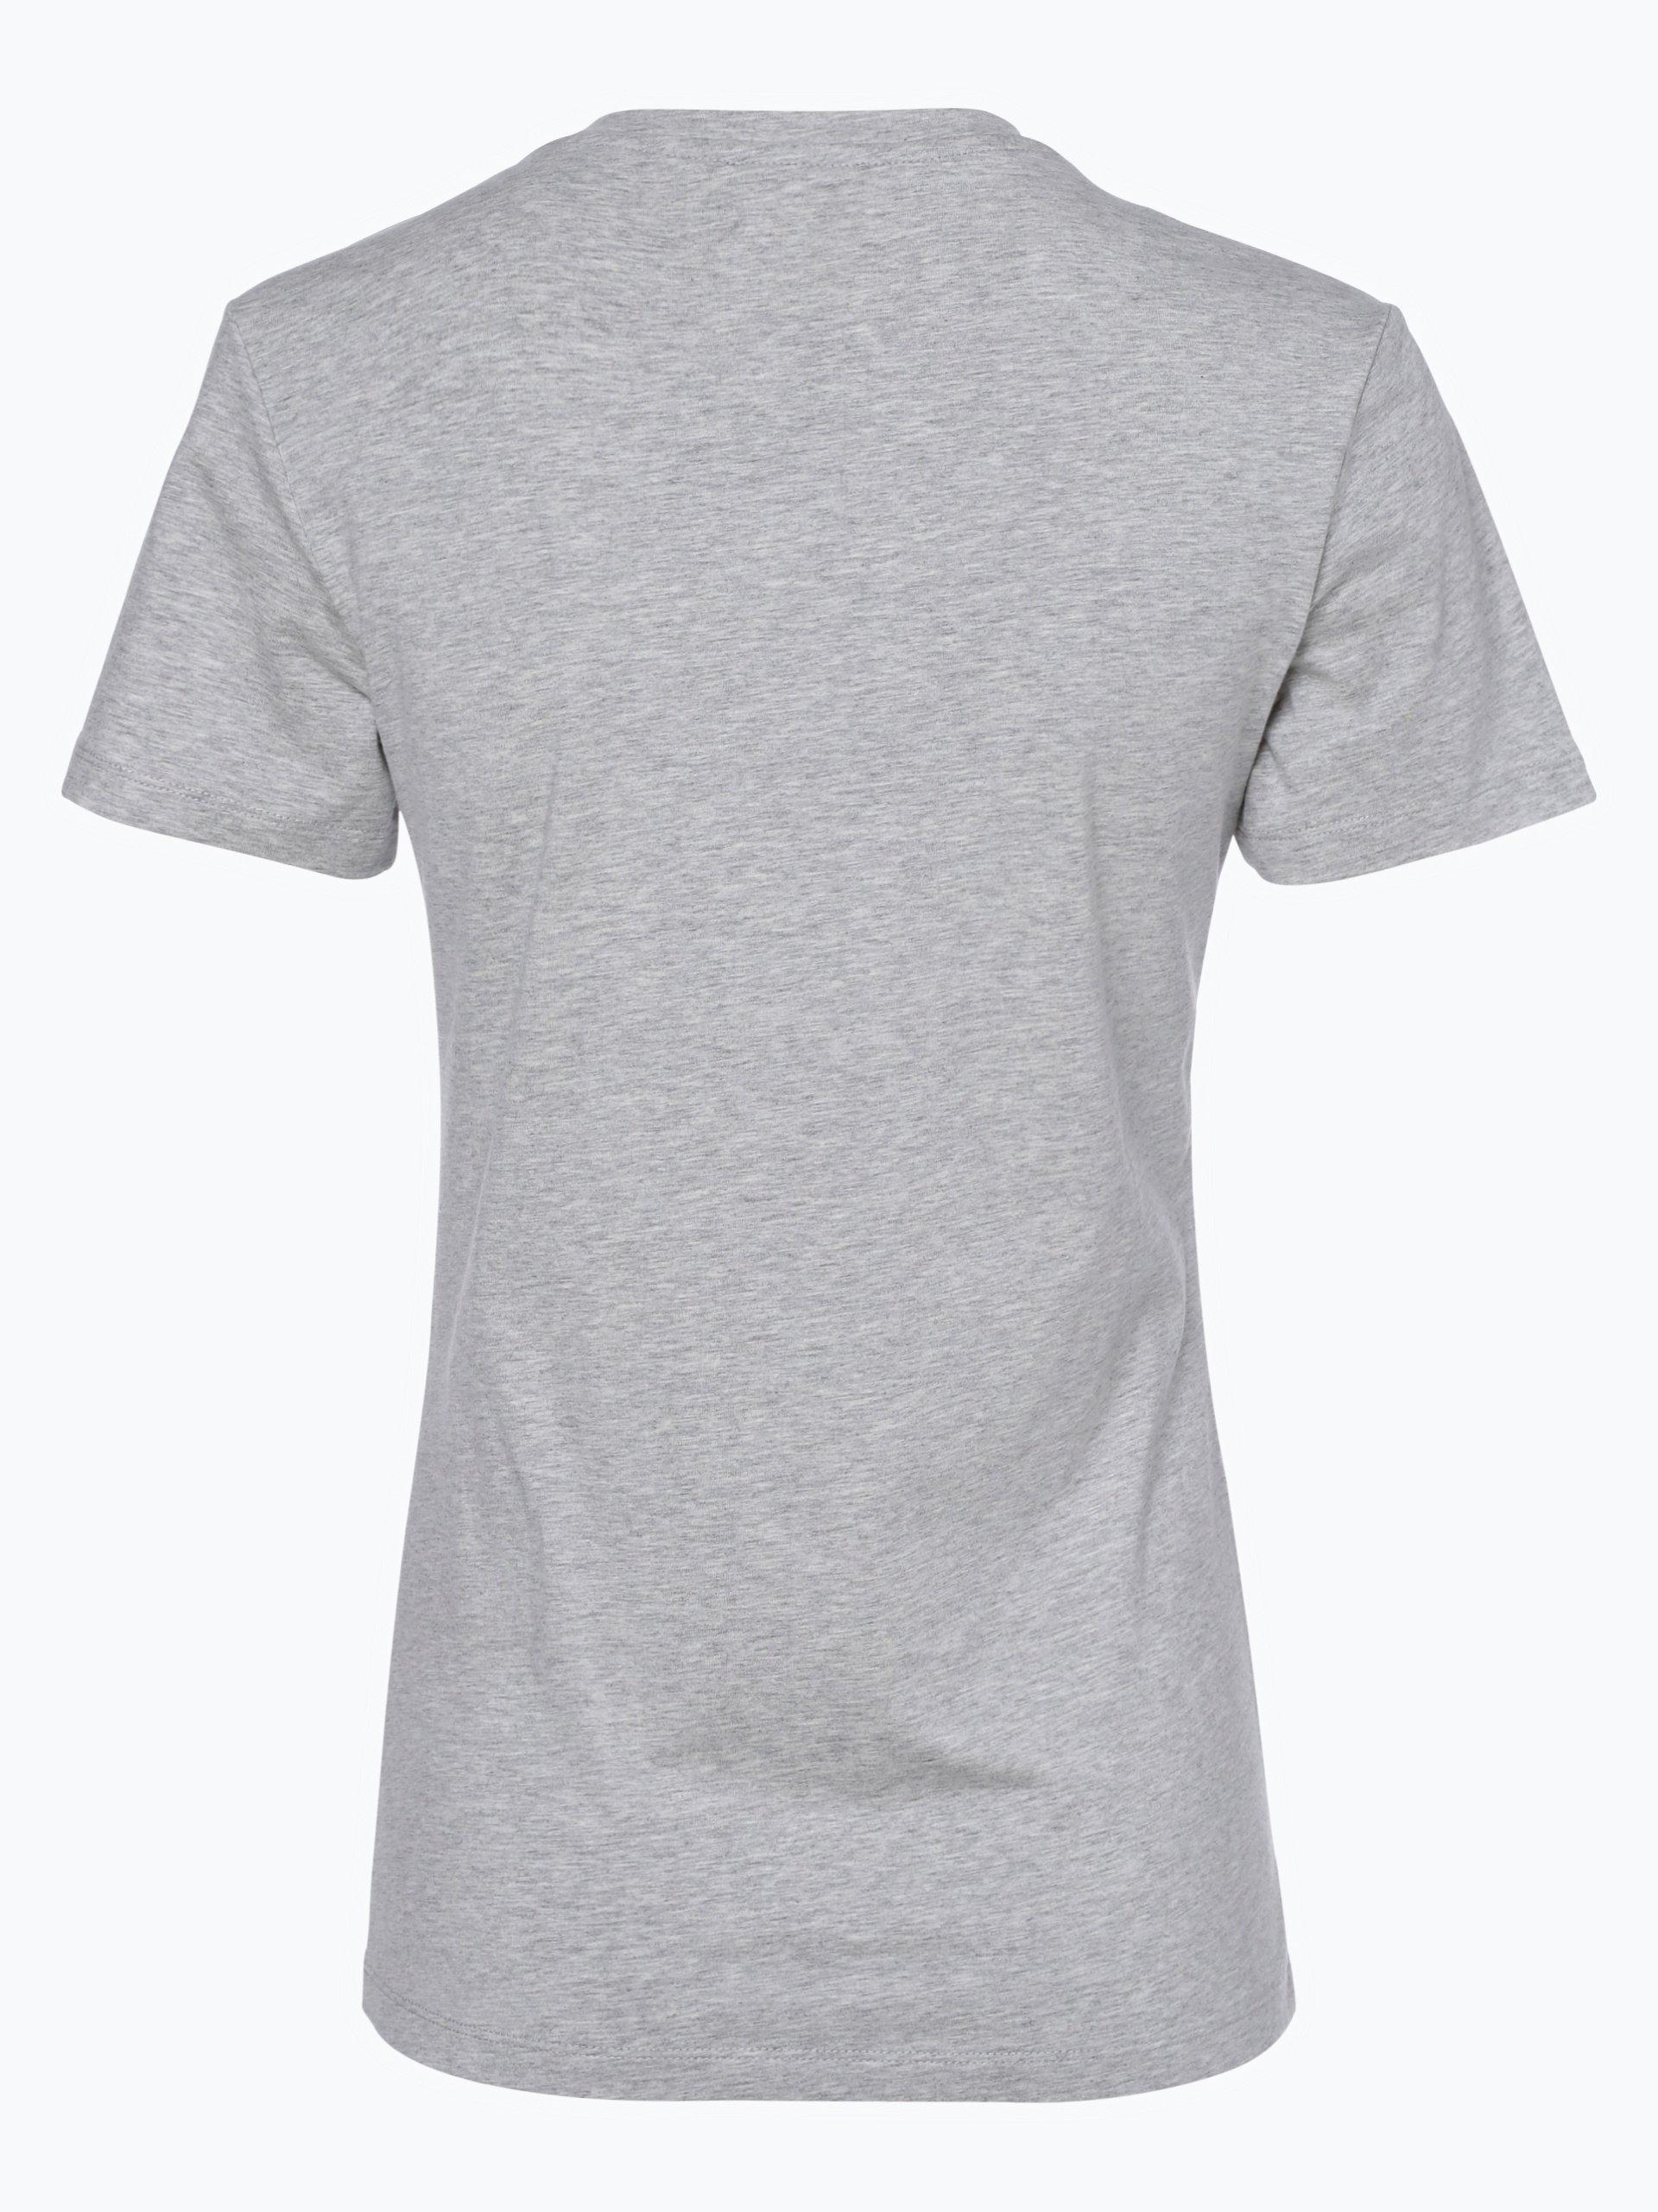 calvin klein jeans damen t shirt grau gemustert online kaufen peek und cloppenburg de. Black Bedroom Furniture Sets. Home Design Ideas